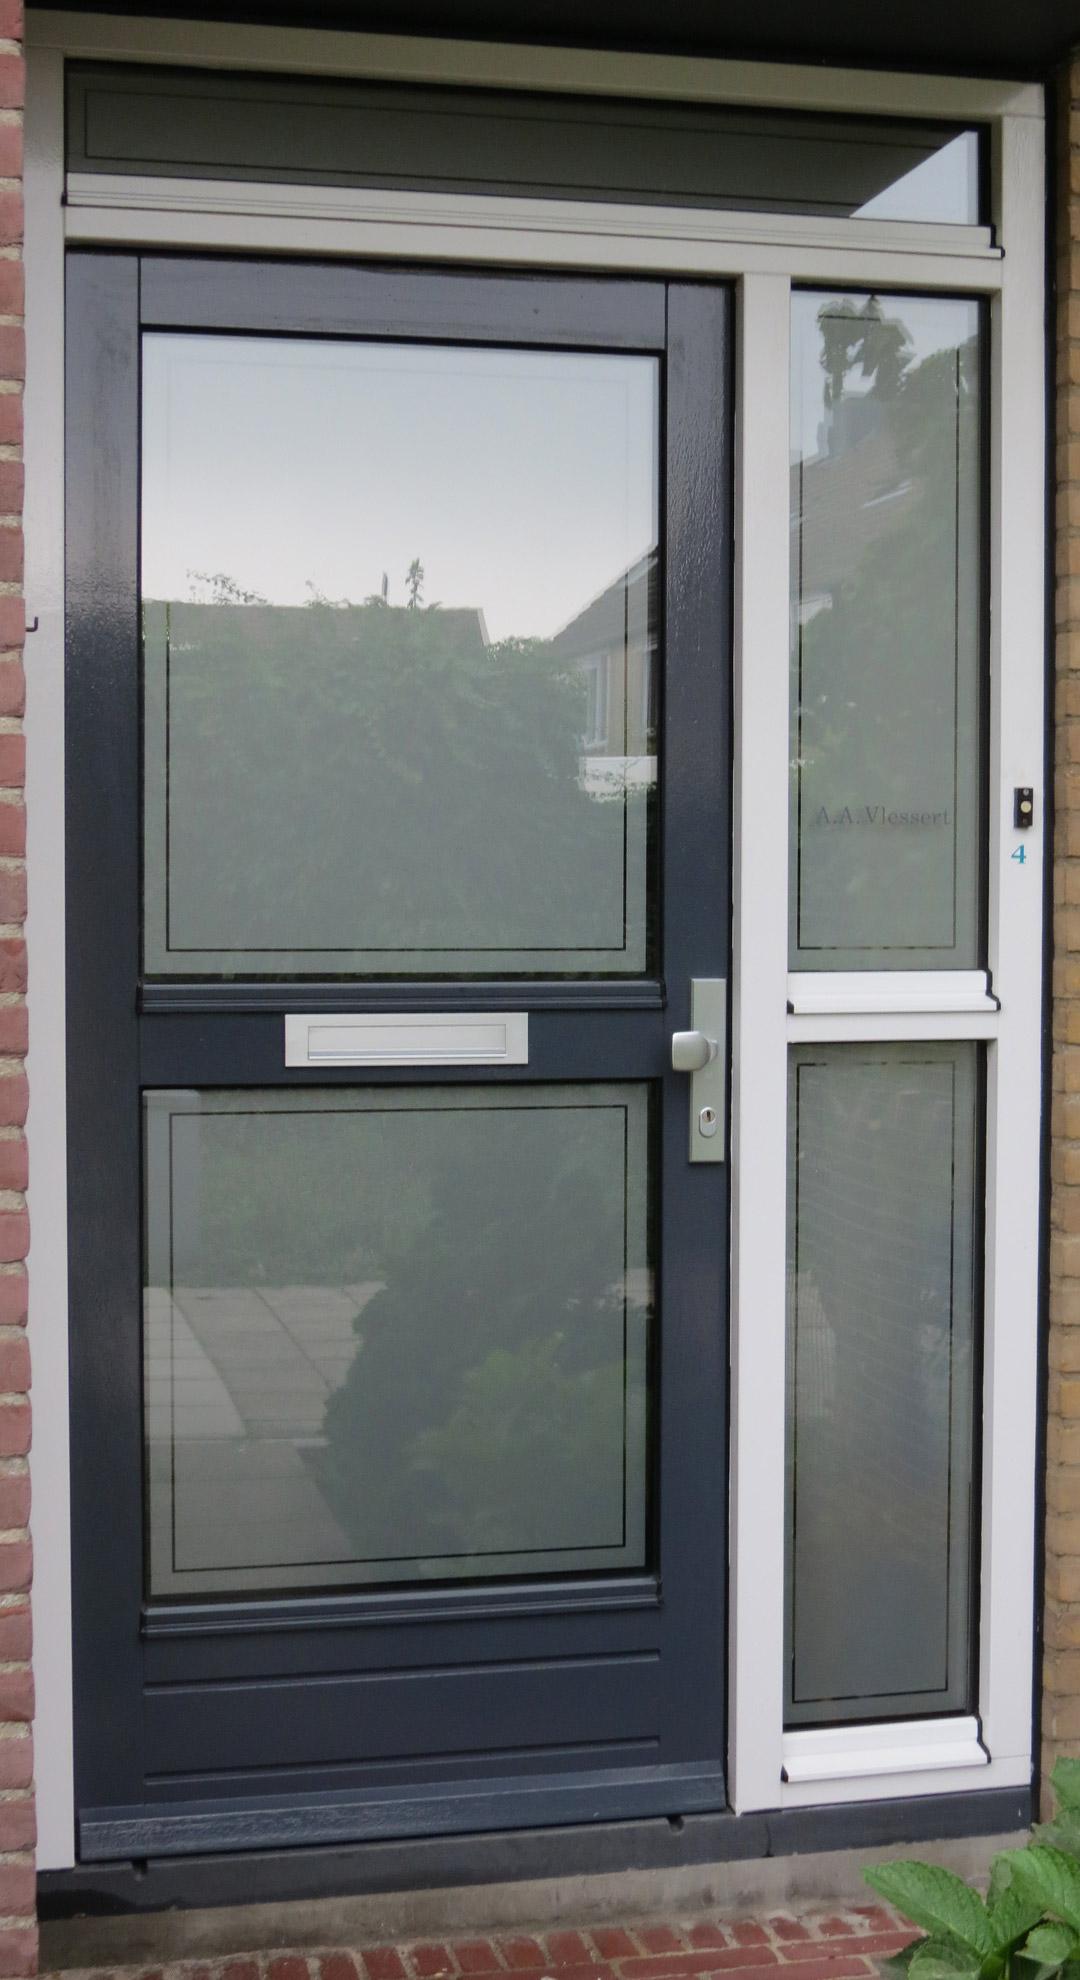 Frosted widow film front door applyityourself for Door with window in it